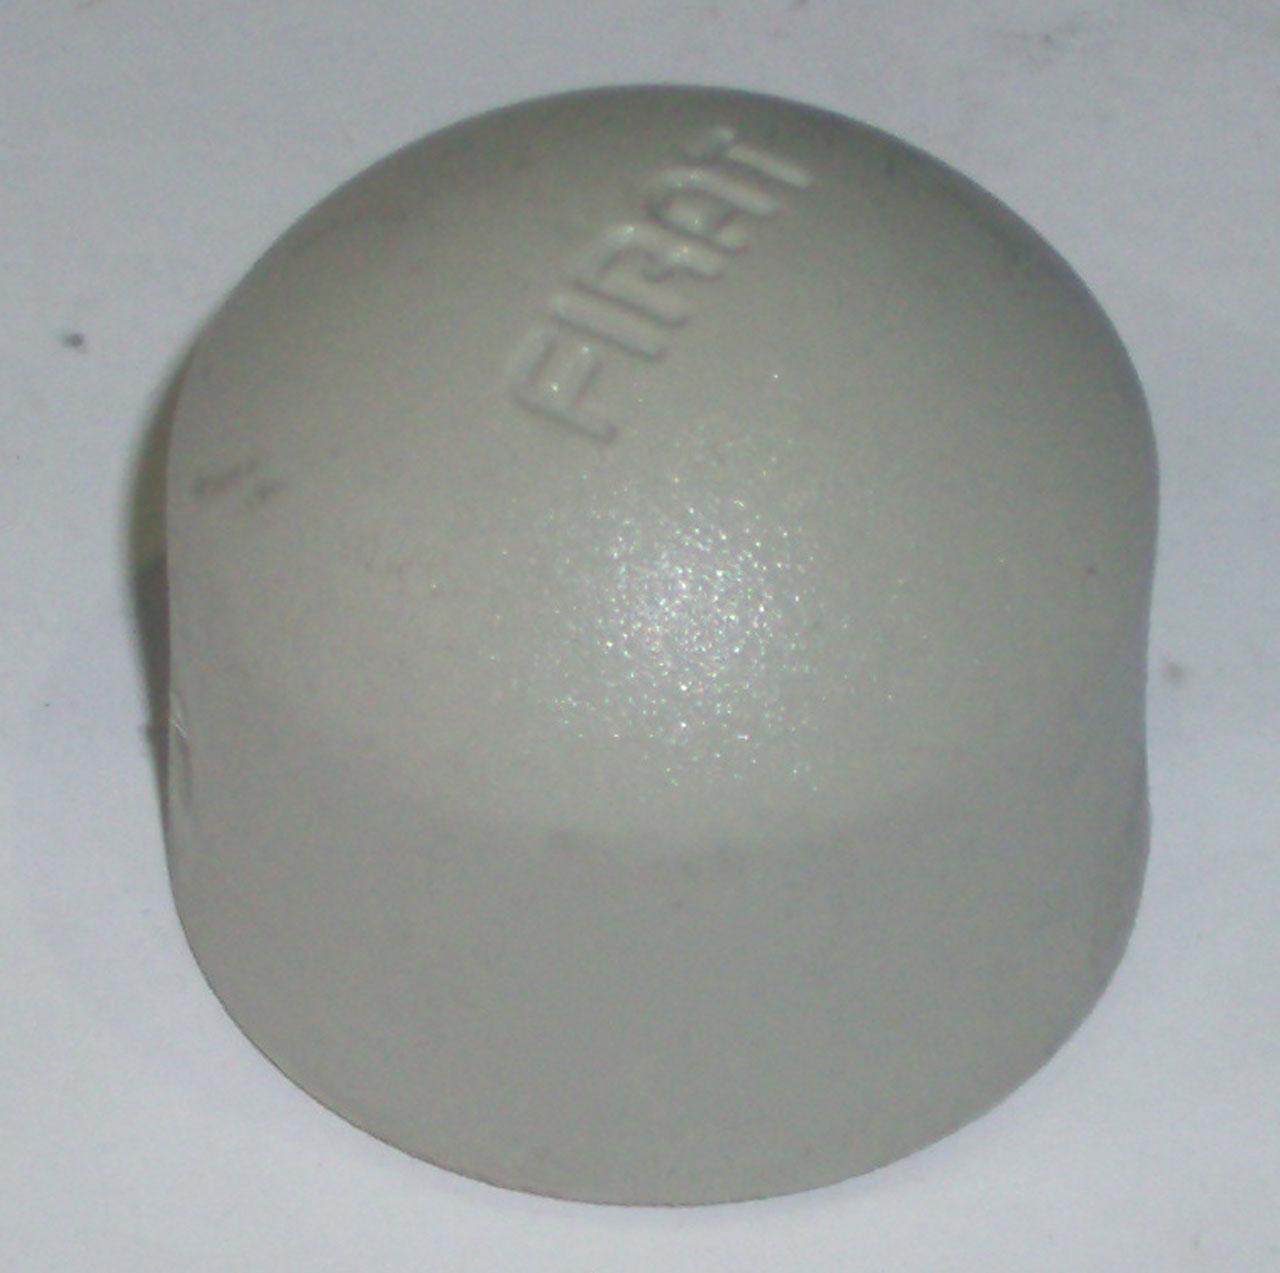 Заглушка, колпак, полипропиленовая, серая, FIRAT(Турция), арт. 7731000025  25мм.